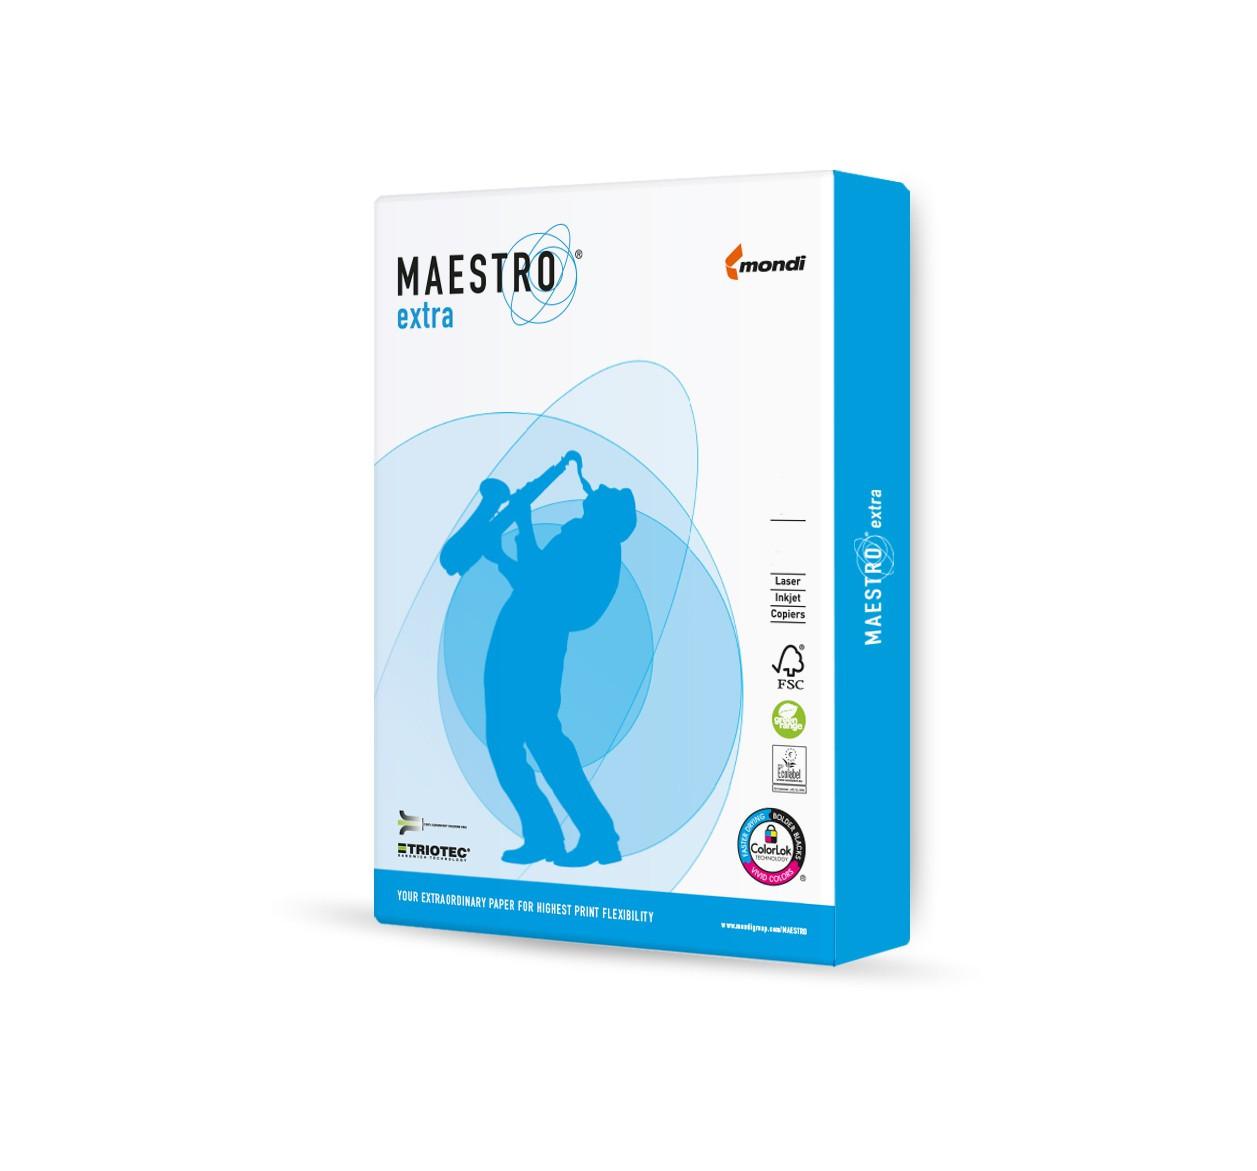 Vorschau: Maestro Extra 60g/m² DIN-A4 - 500 Blatt weiß